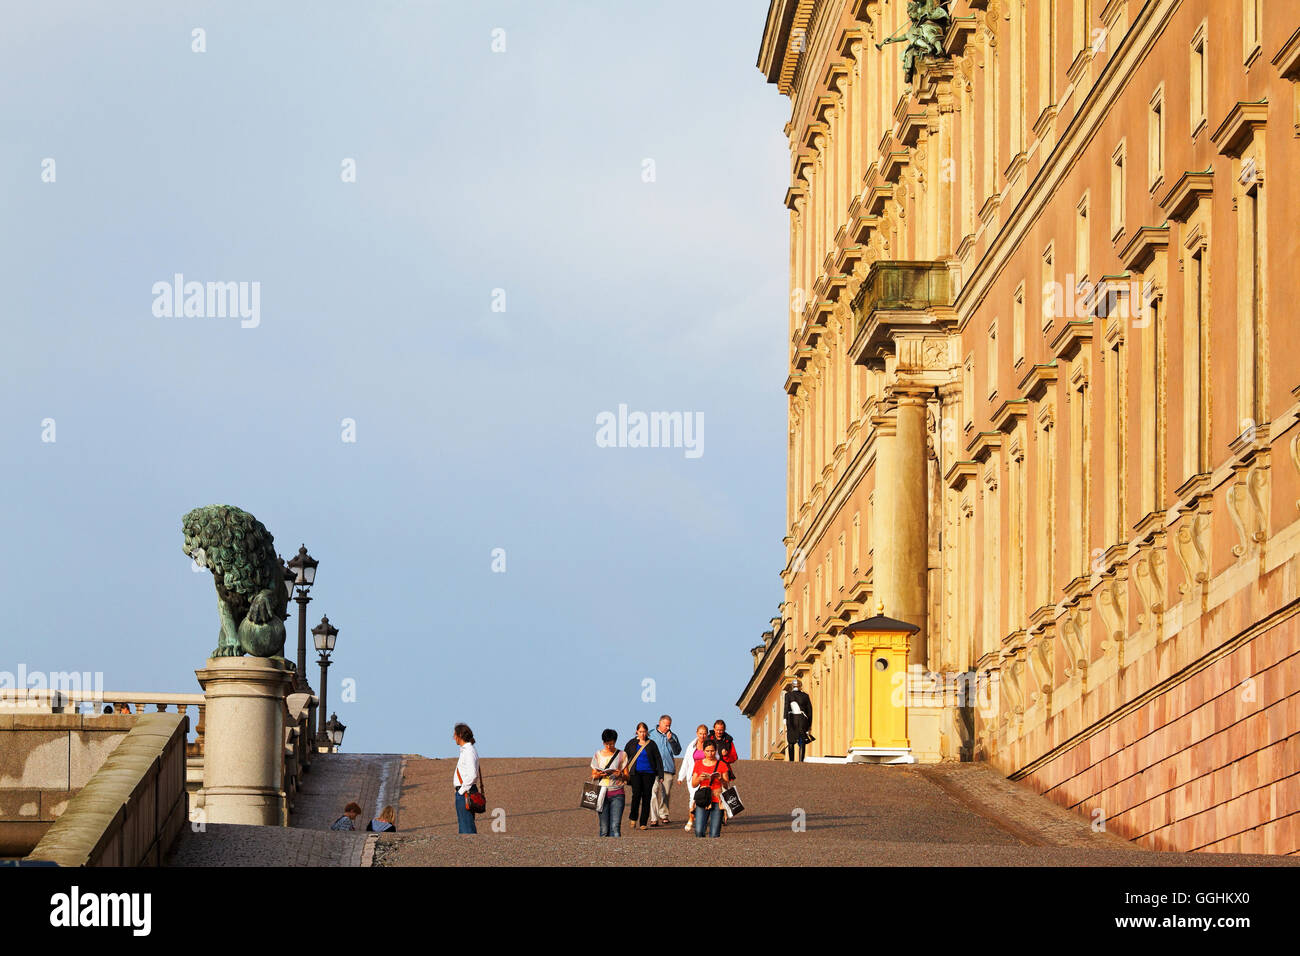 Lejonbacken, a rampa fino al palazzo di Stoccolma, la Gamla Stan, Stoccolma, Svezia Foto Stock